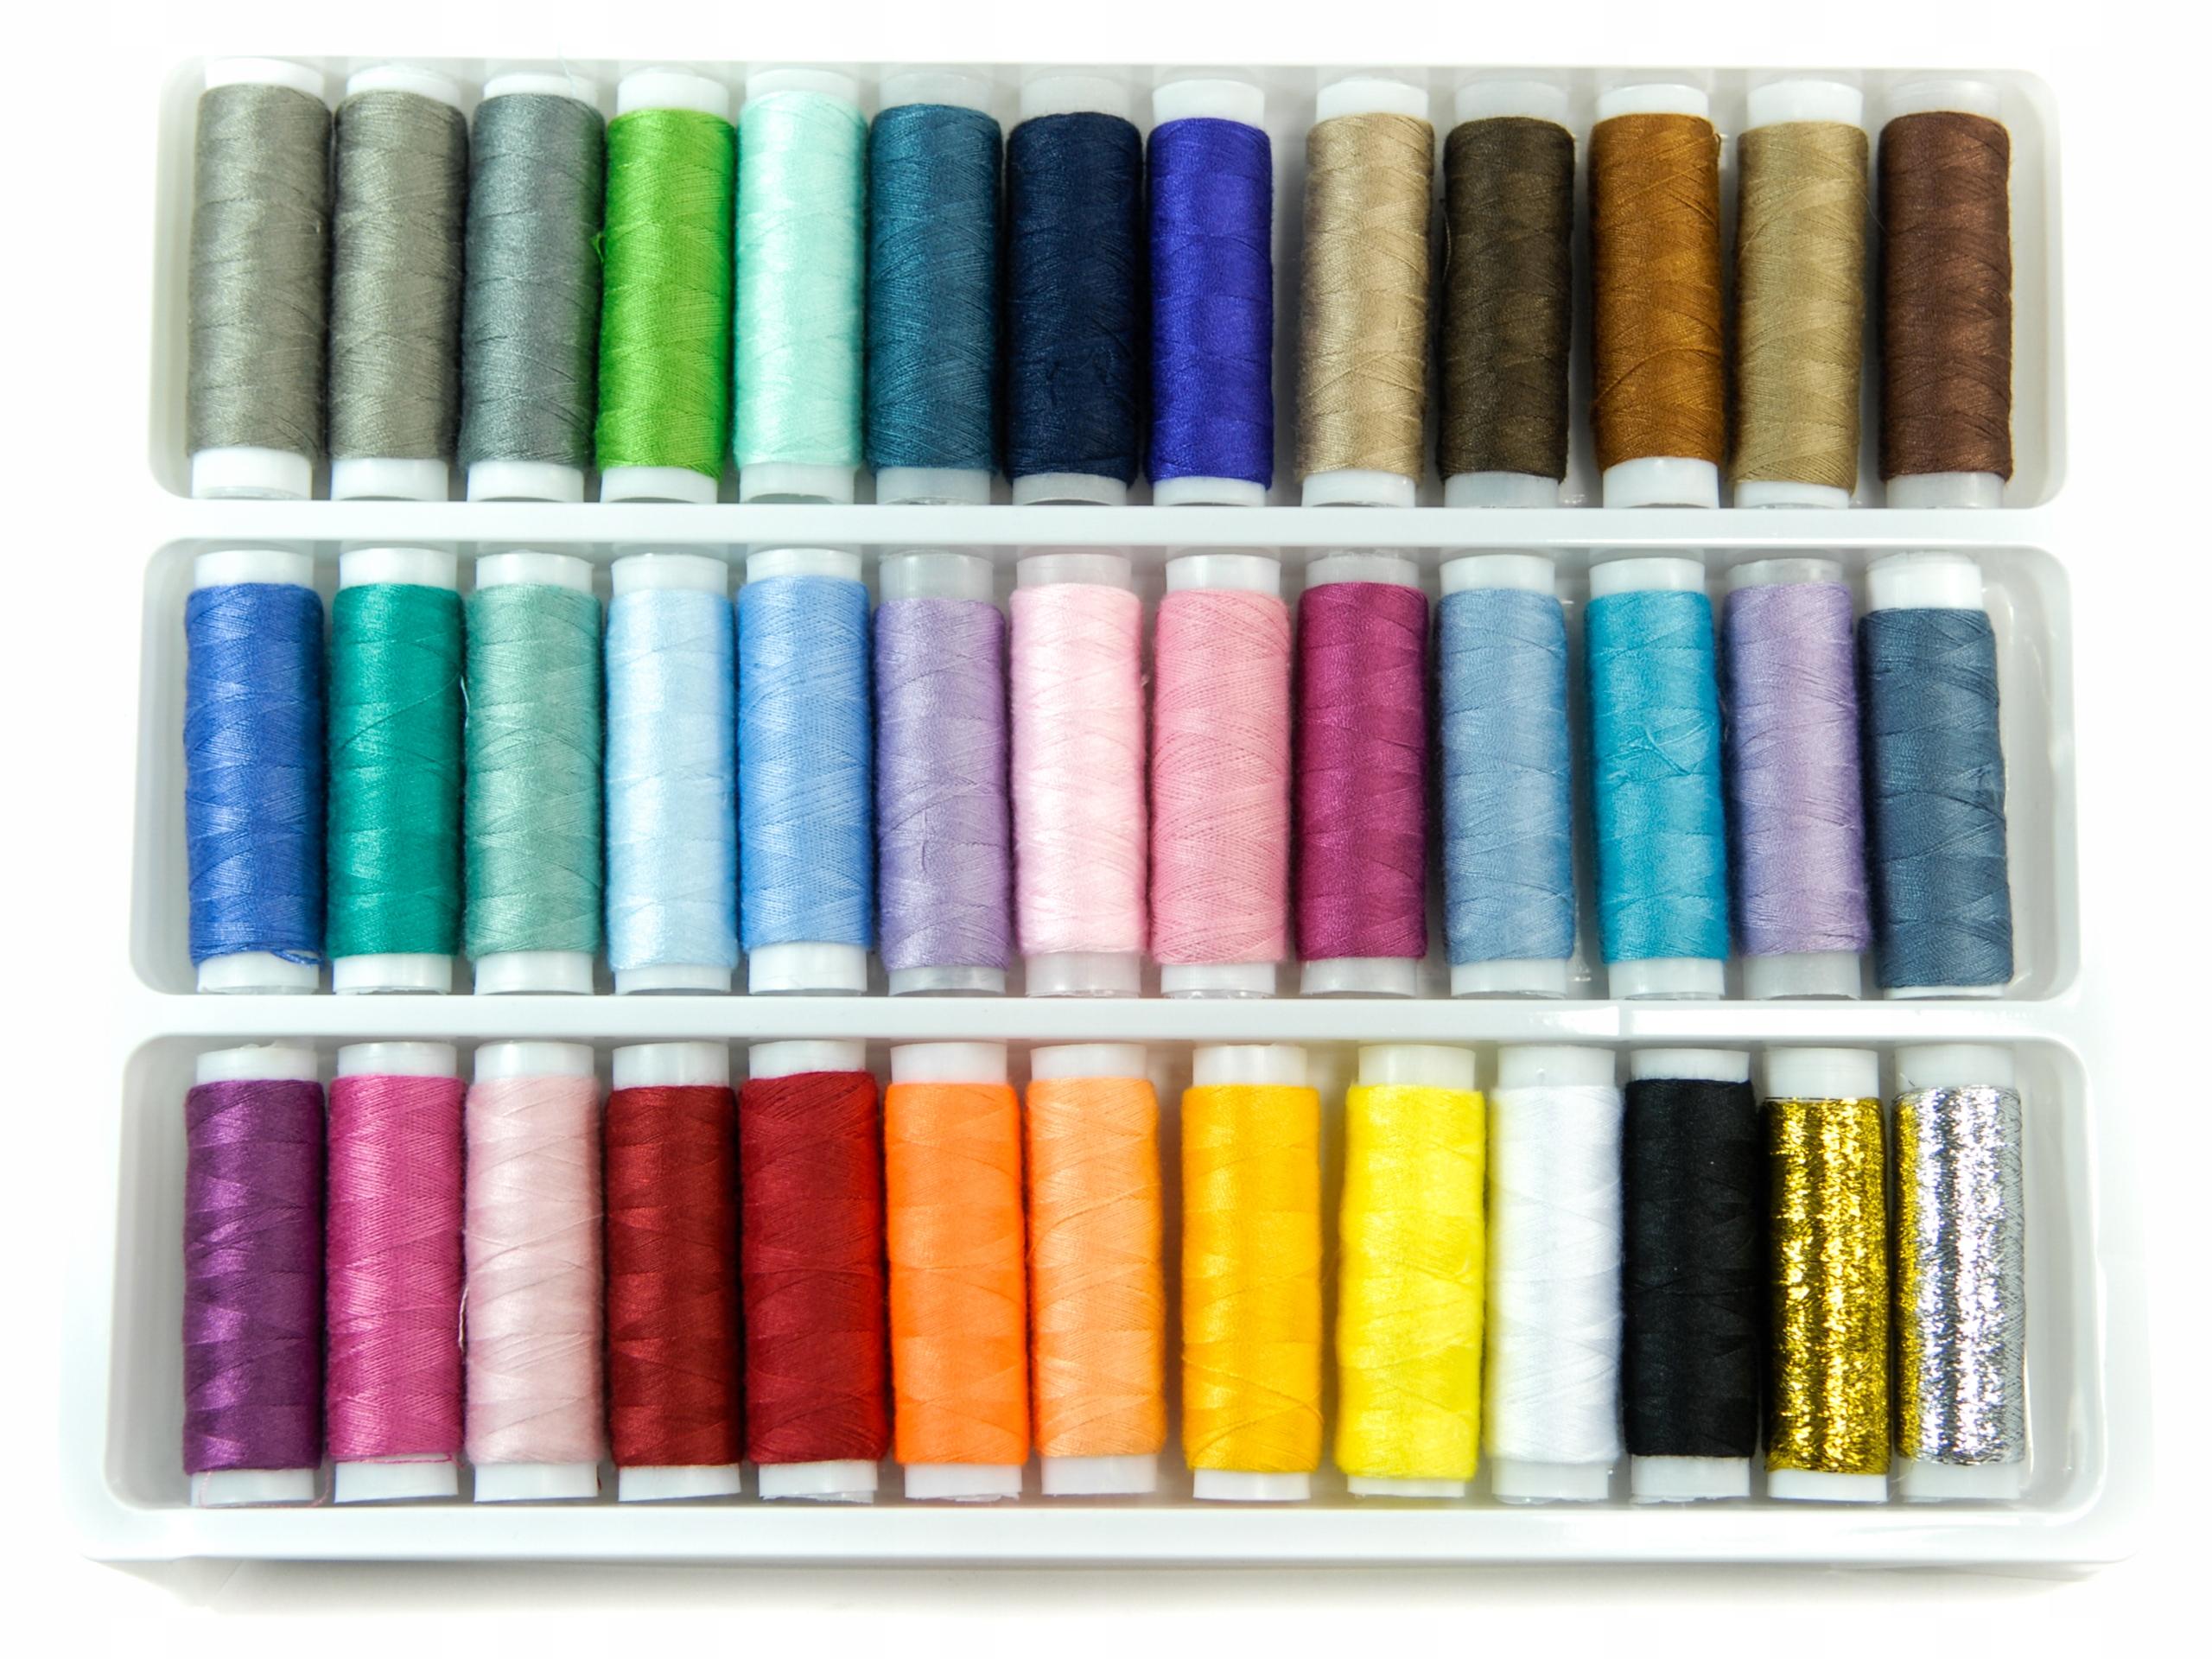 ZESTAW NICI 39 kolorów do szycia nitki krawiecki